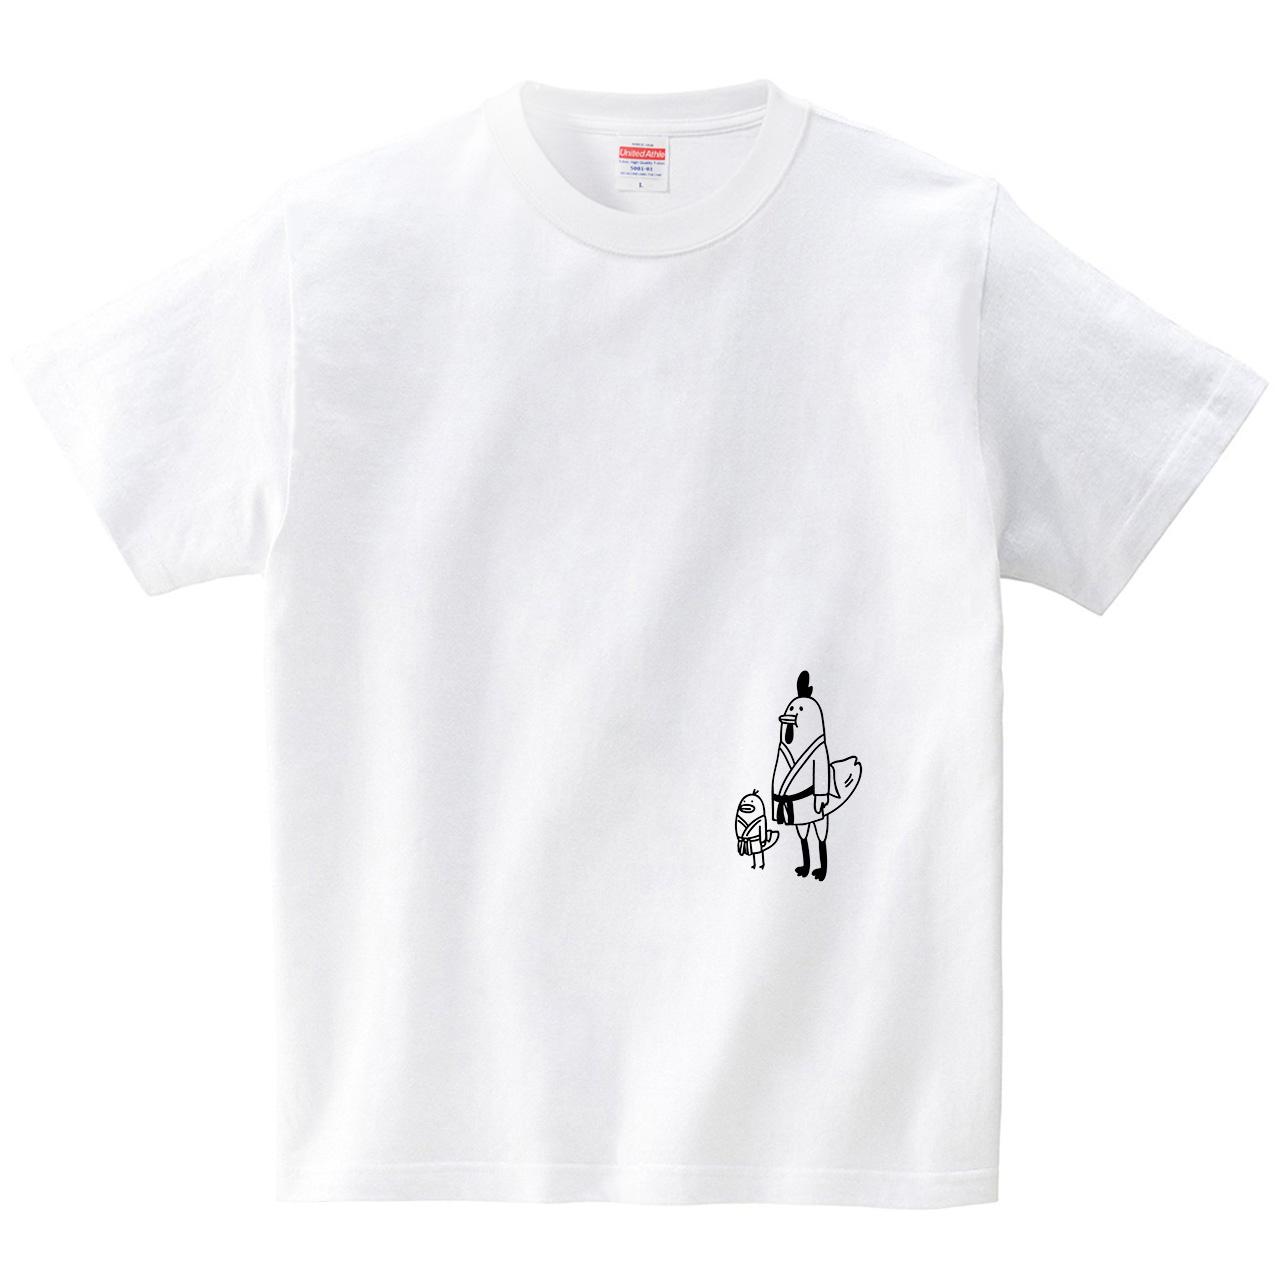 ニワトリとヒヨコ(Tシャツ・ホワイト)(オワリ)